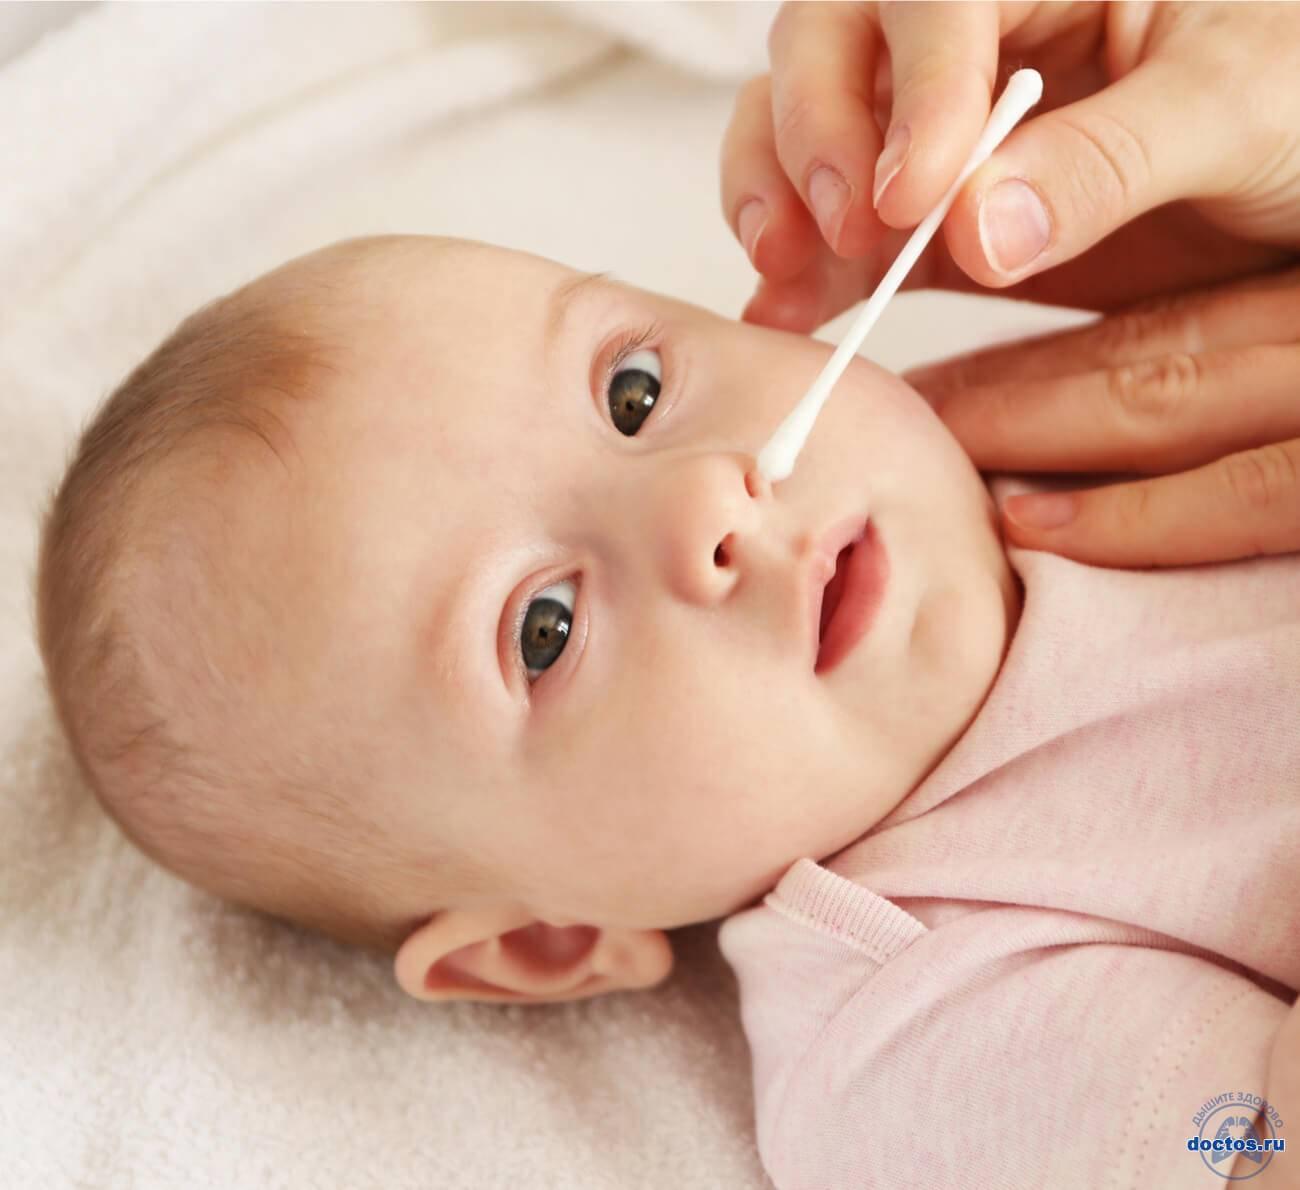 Когда можно начинать чистить уши новорожденному. как правильно чистить уши новорожденным деткам